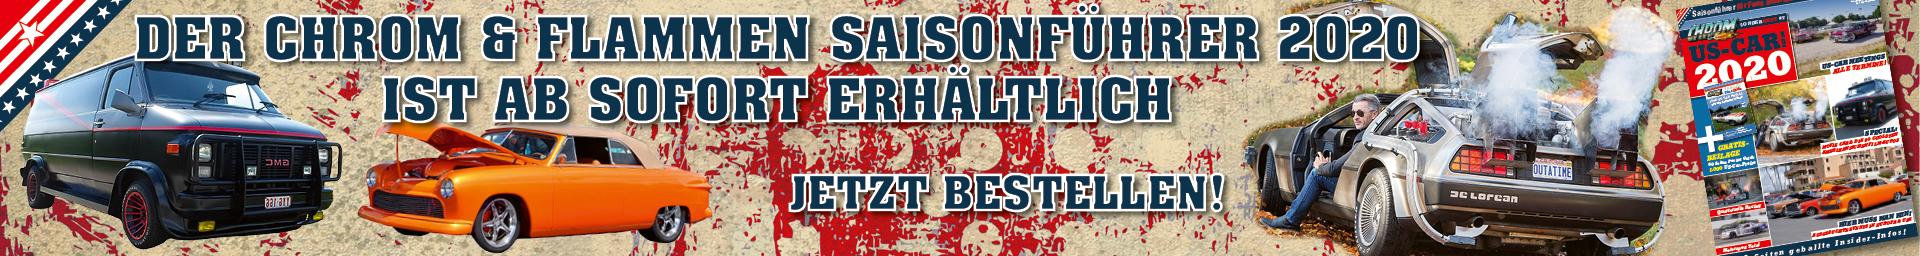 Saisonführer 2020